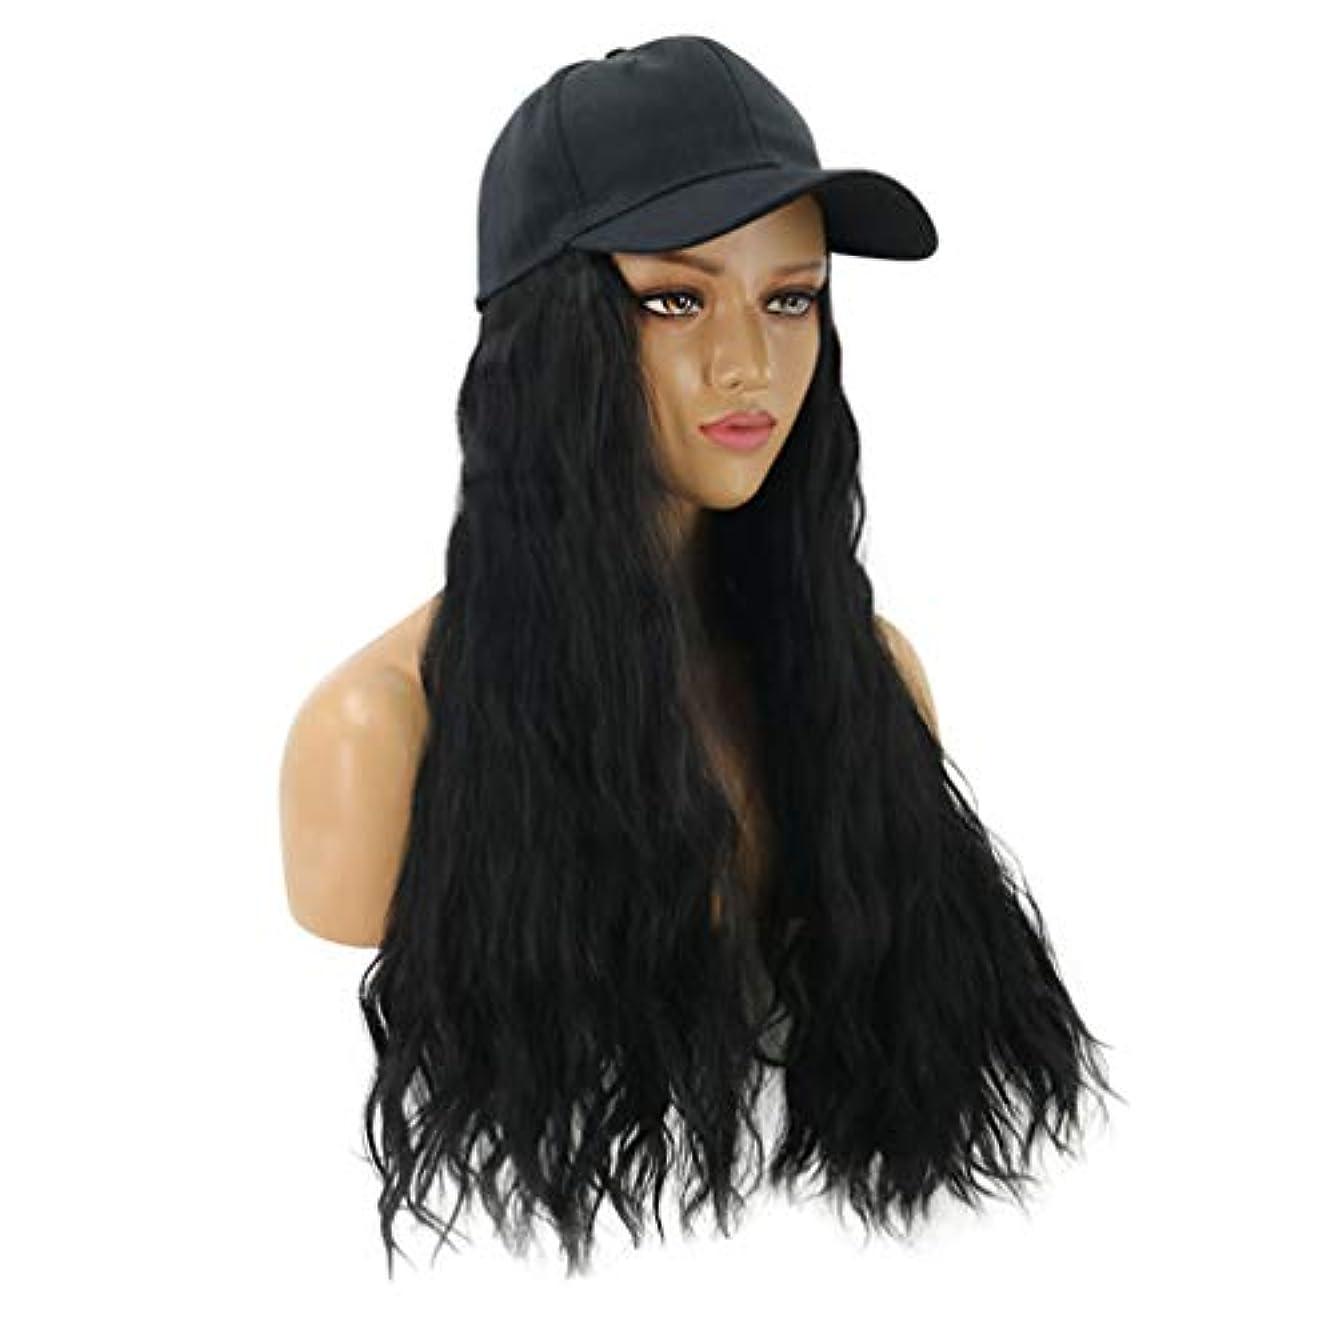 バケツ群がる卵女性クリエイティブロングカーリー波状高温シルクシルクフード付き黒かつら野球キャップロングヘア野球キャップボールキャップカジュアル帽子かつら